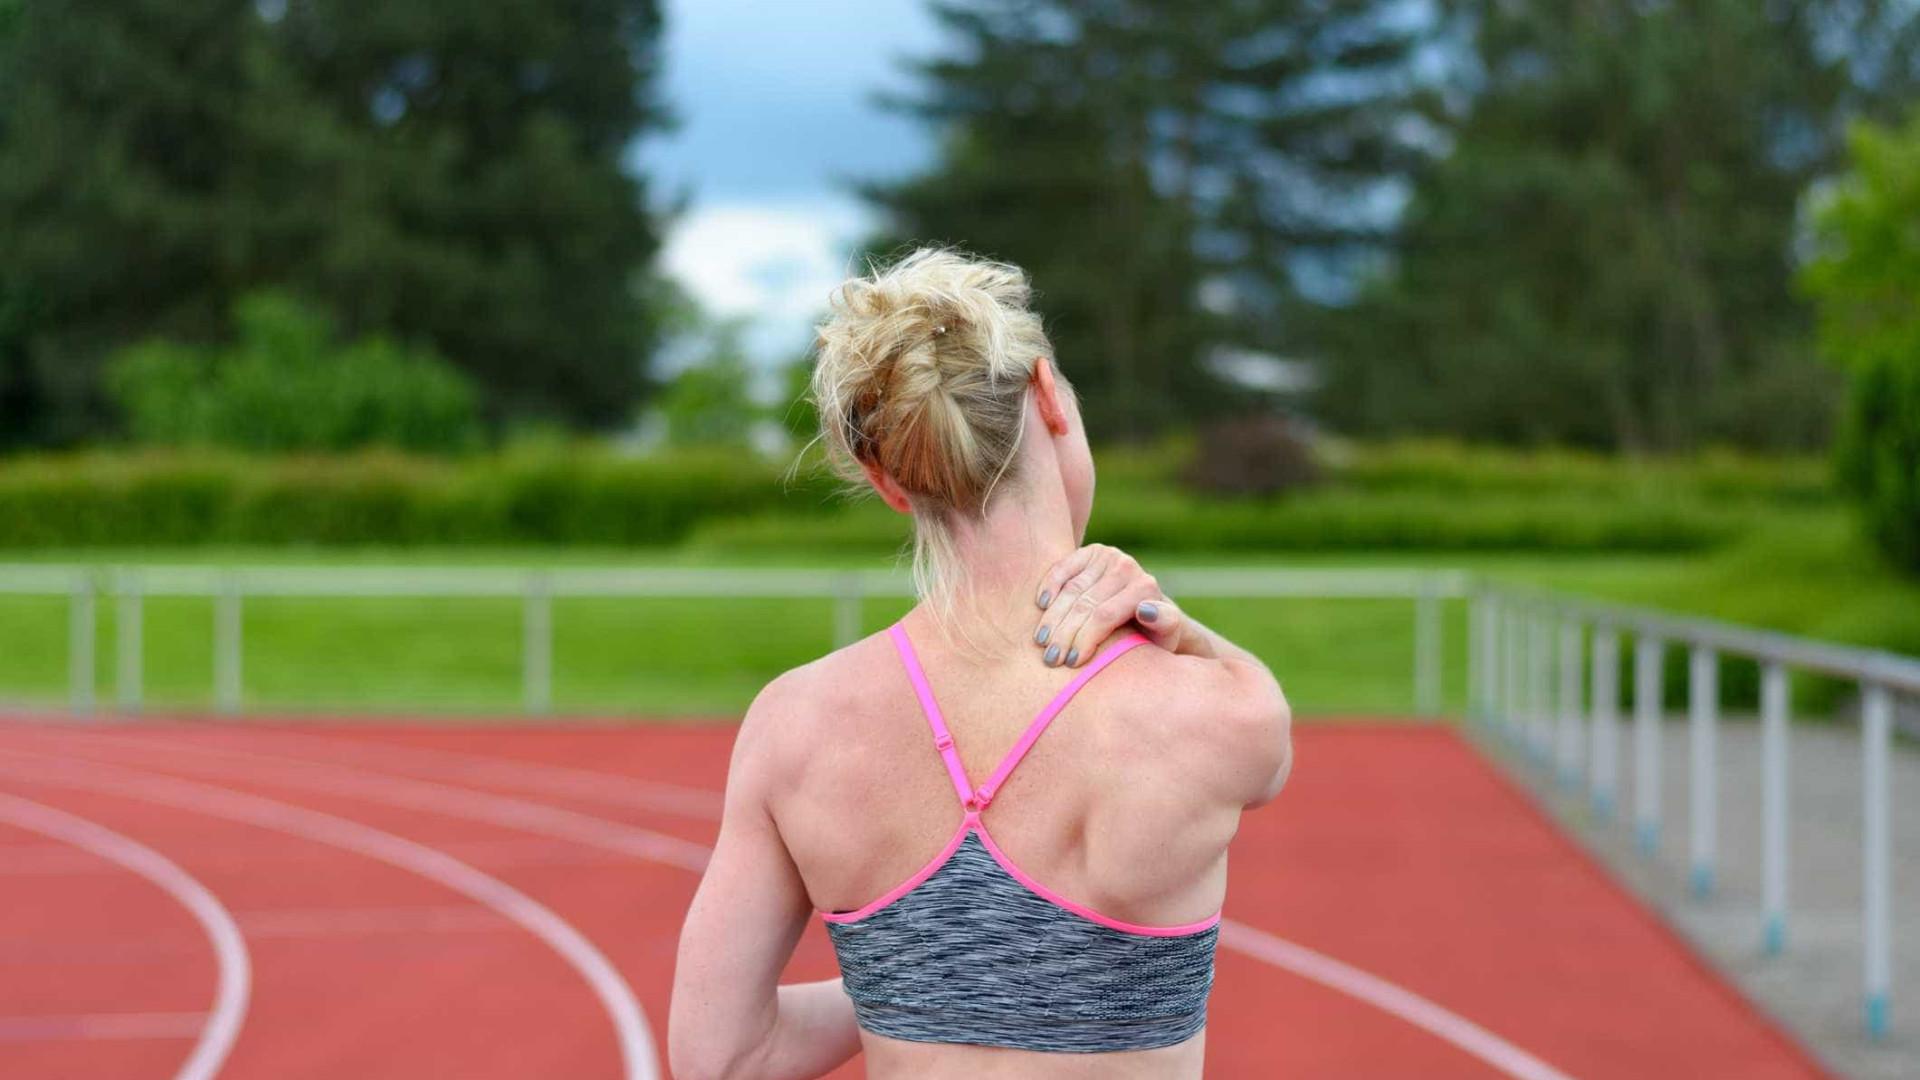 Eis por que fica com dores no pescoço e nos ombros depois de correr